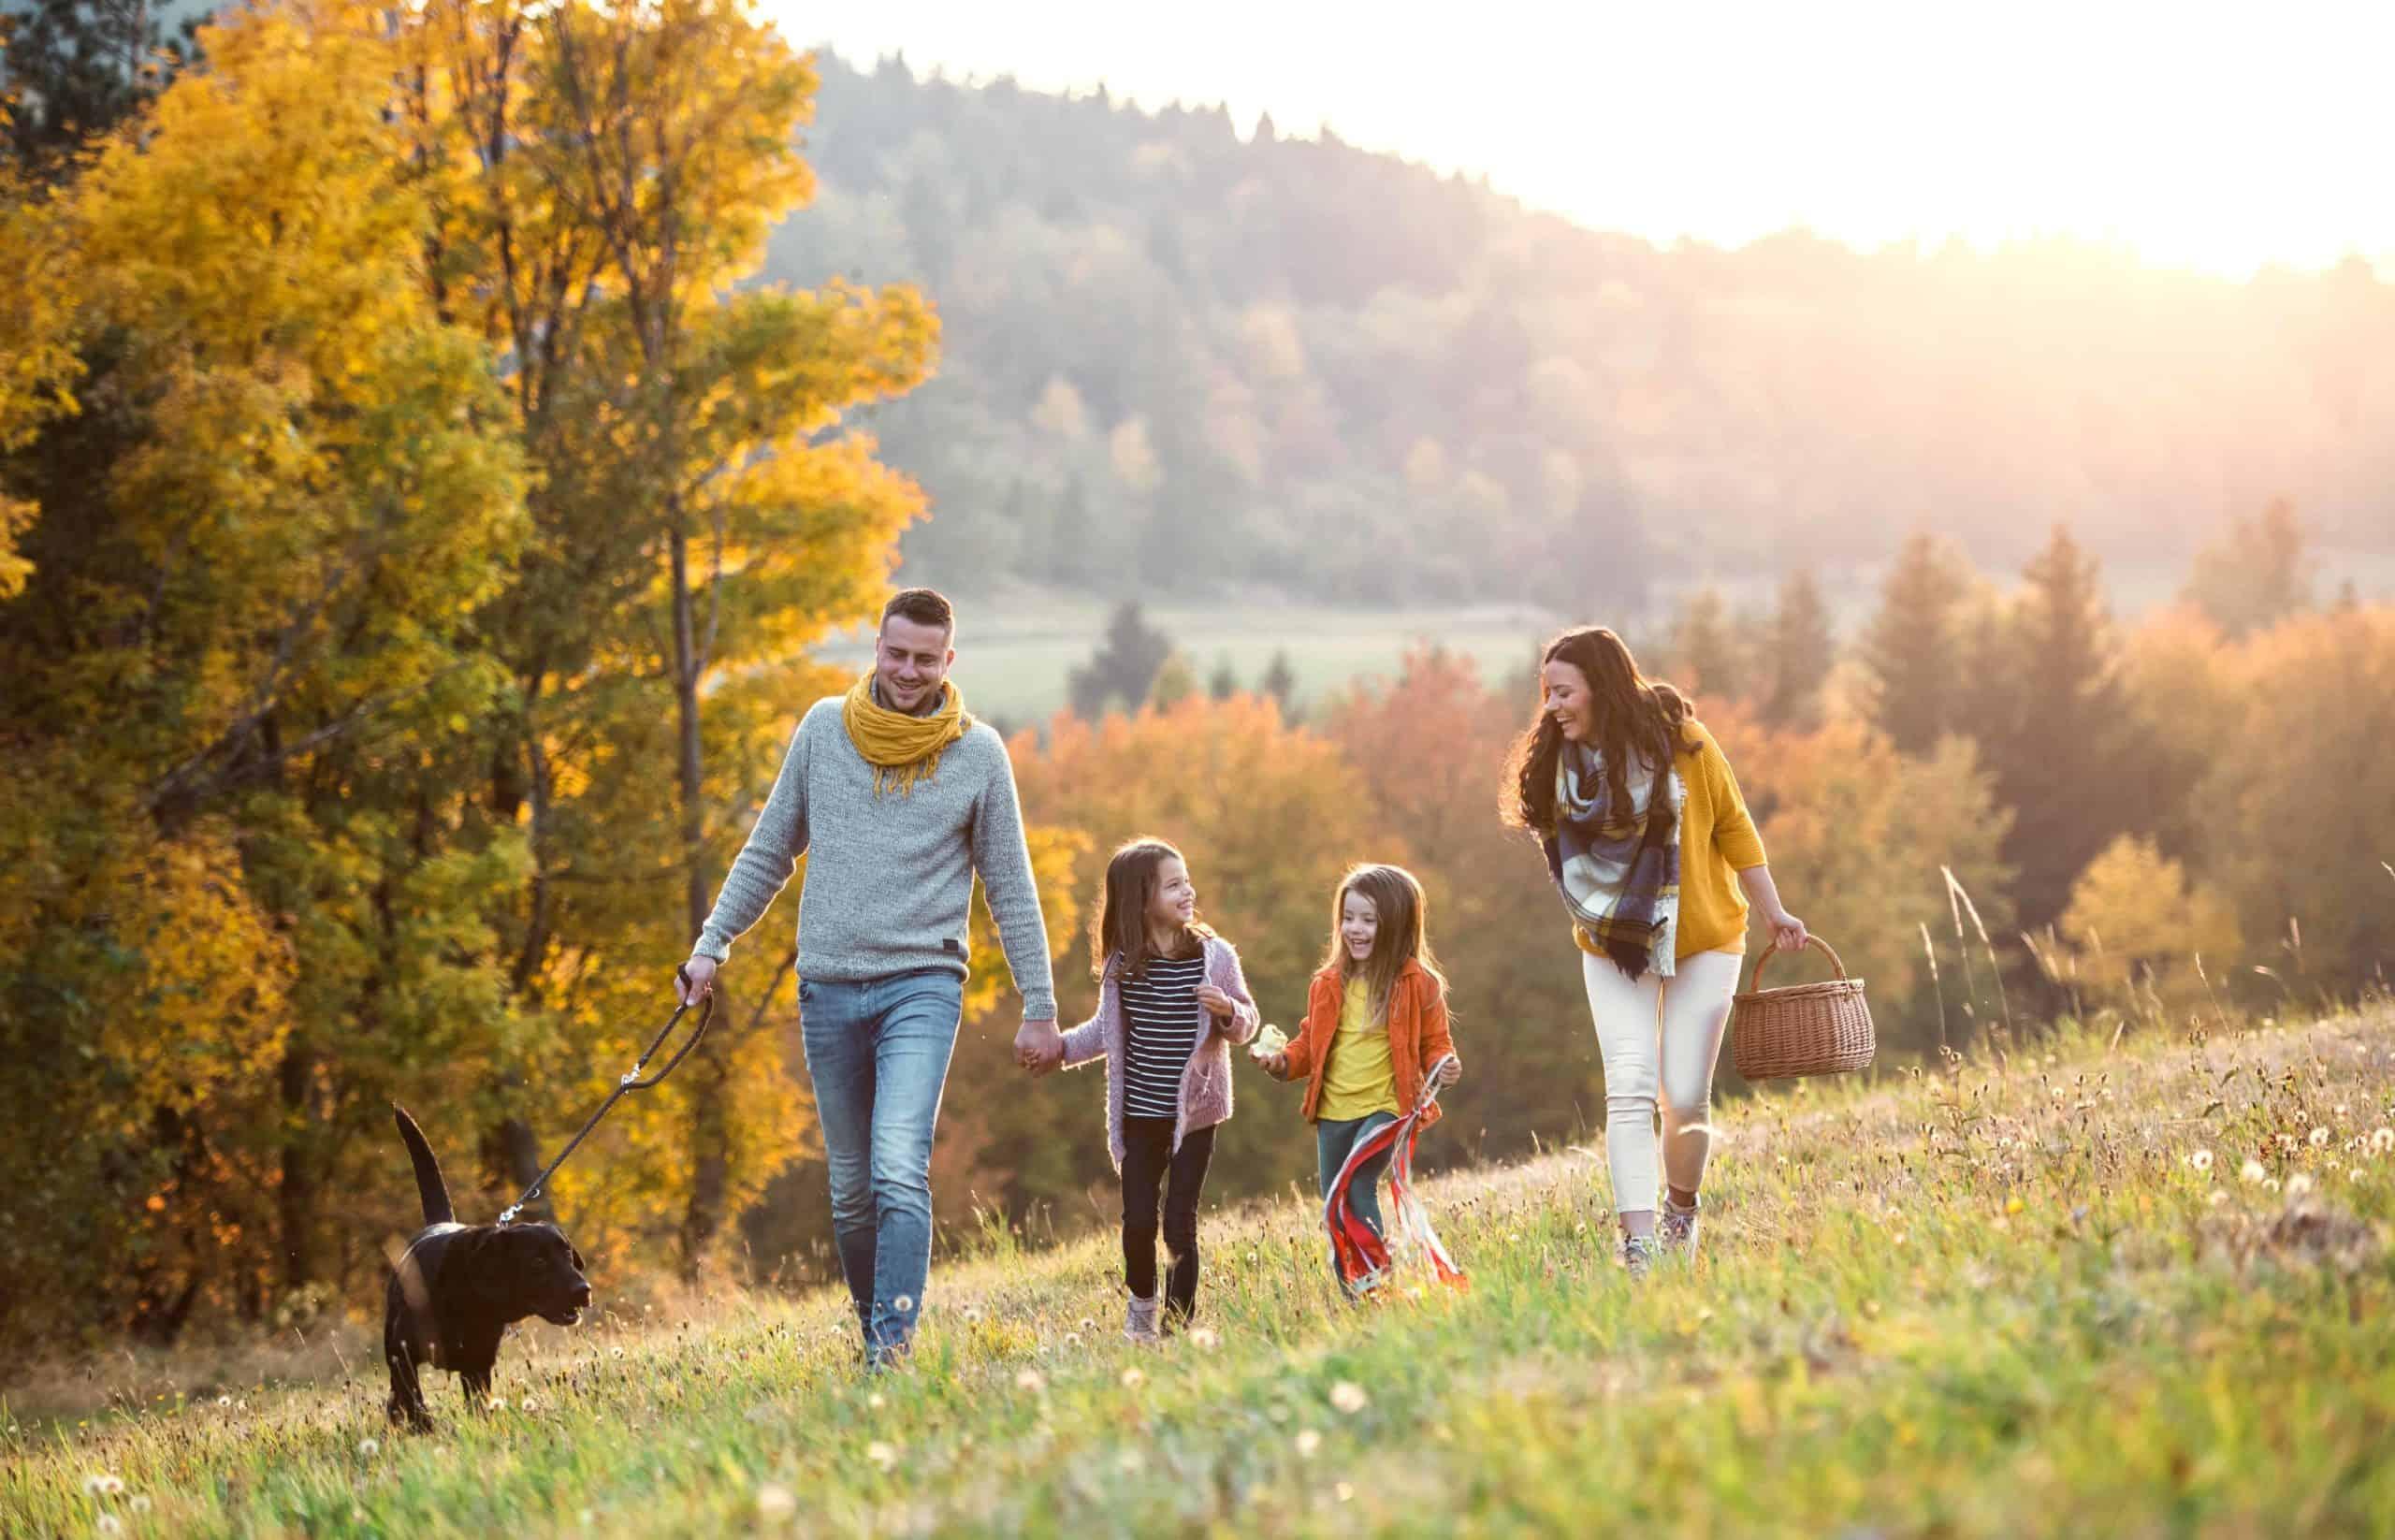 Eine Familie wandert fröhlich durch die Herbstlandschaft.